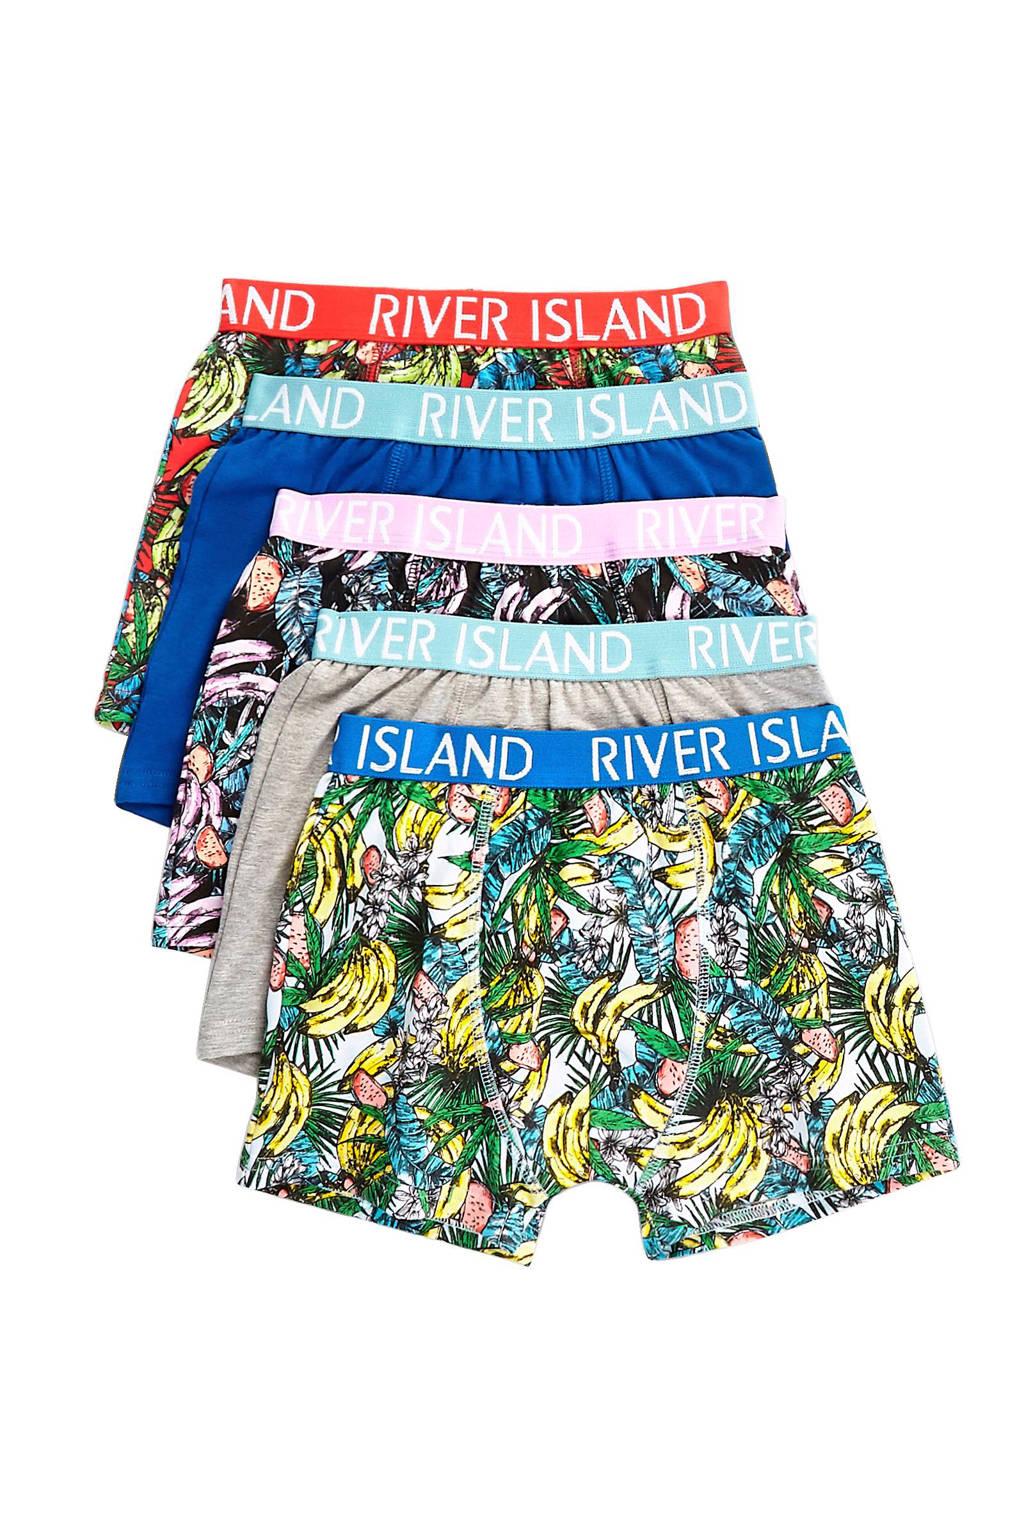 River Island Junior  boxershort (set van 5), Blauw/groen/rood